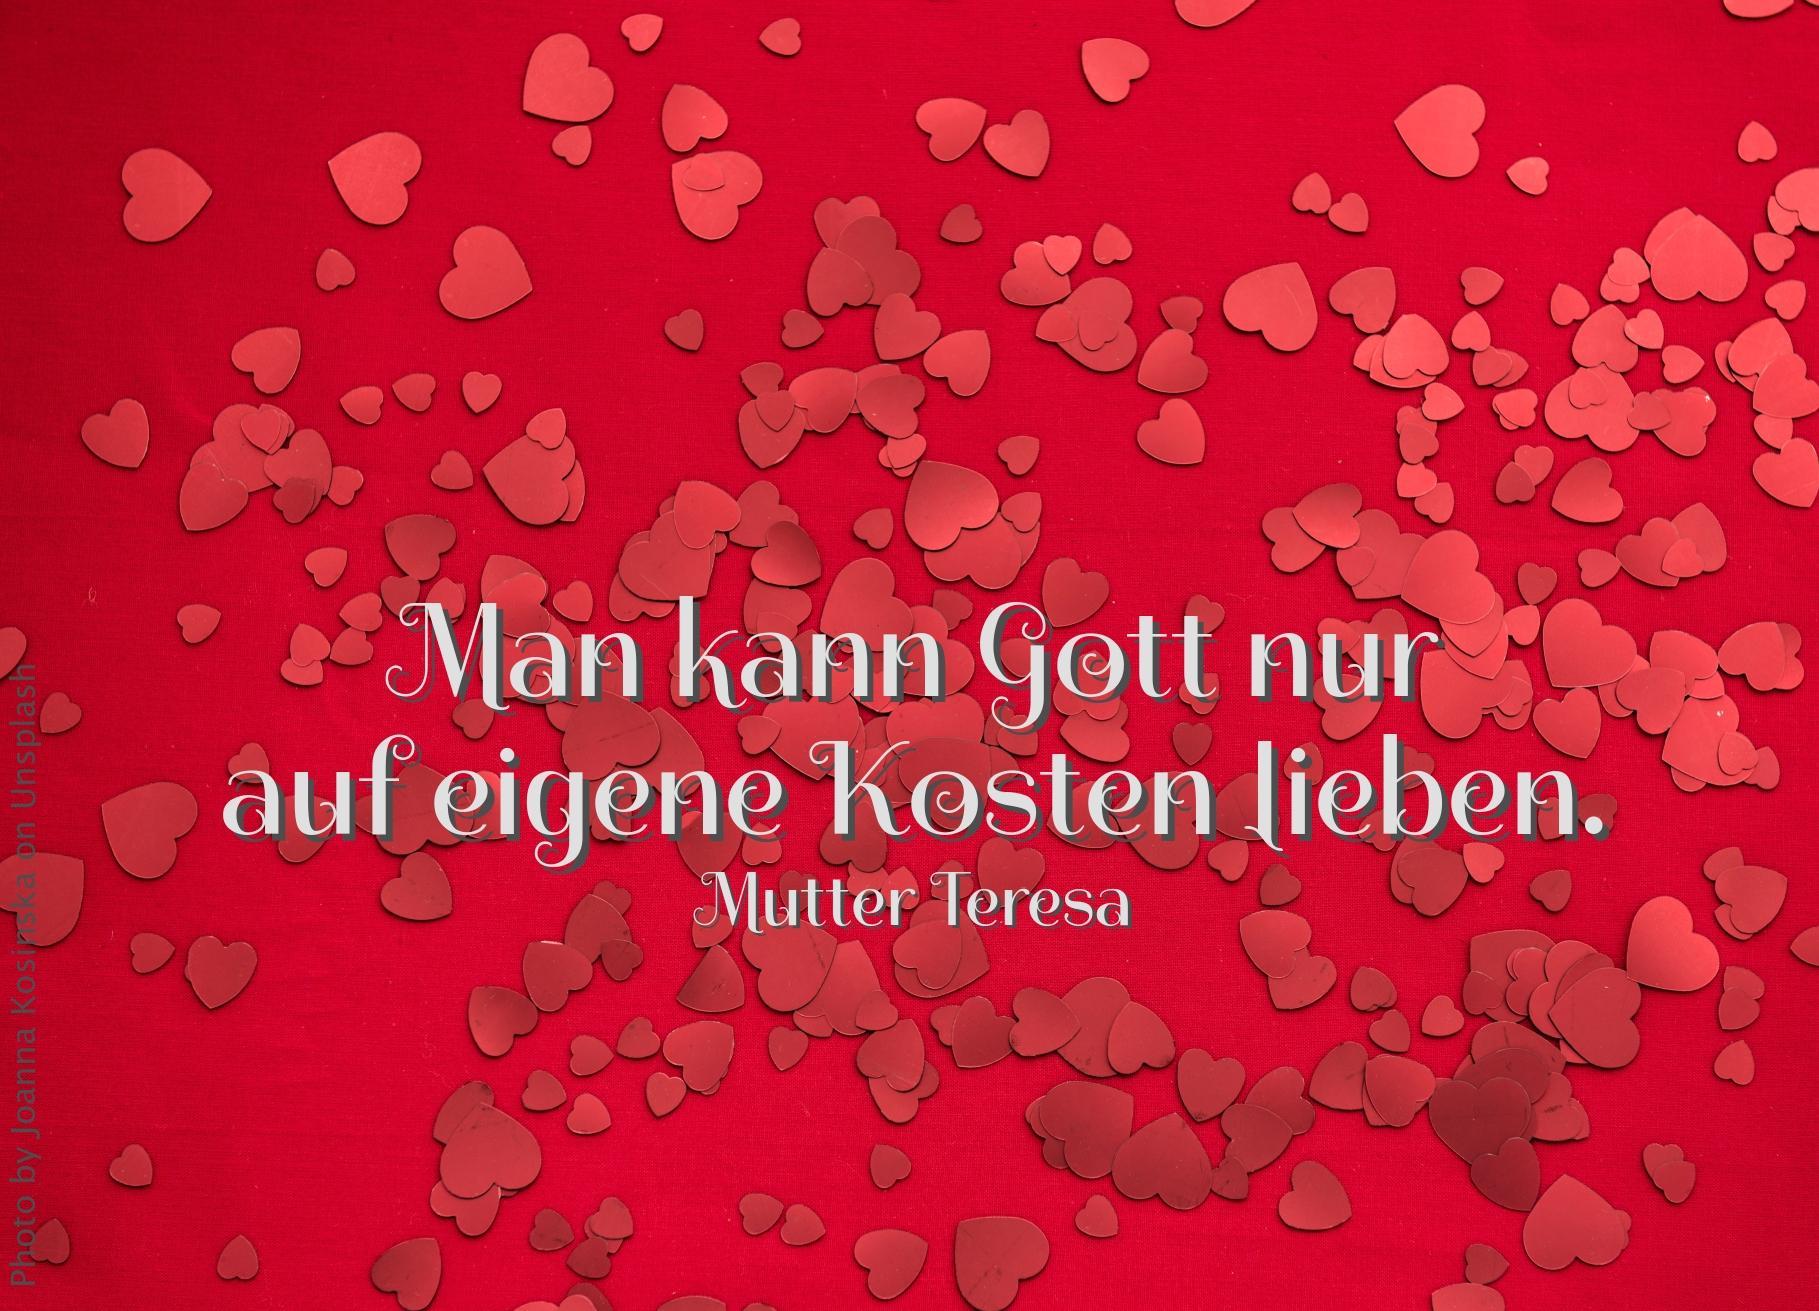 rote Herzen auf rotem Untergrund